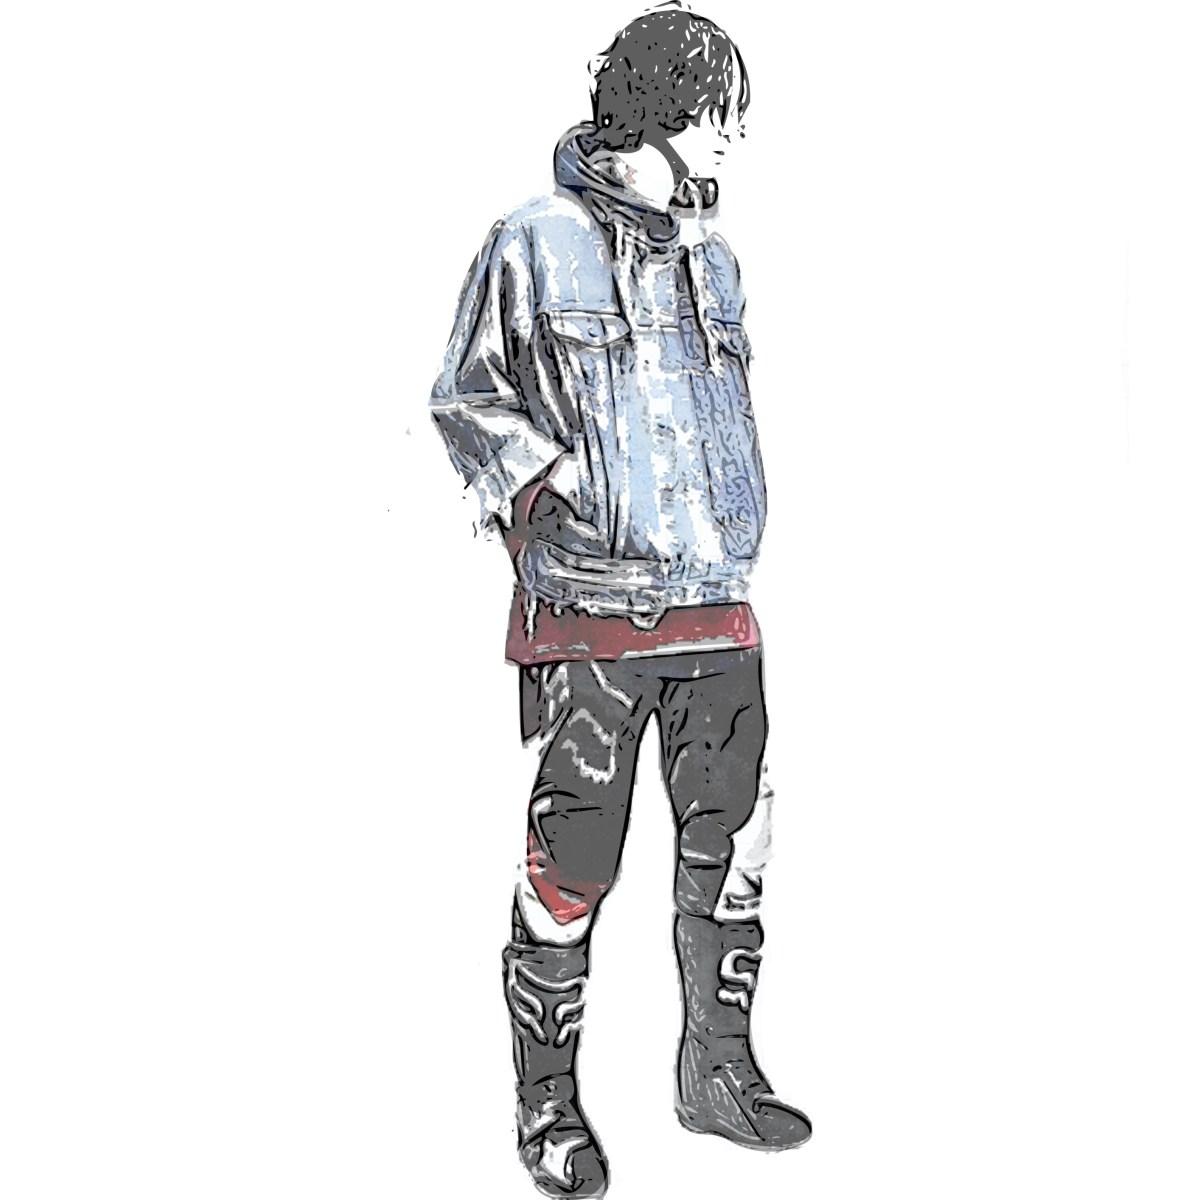 モトクロススタイルのファッション